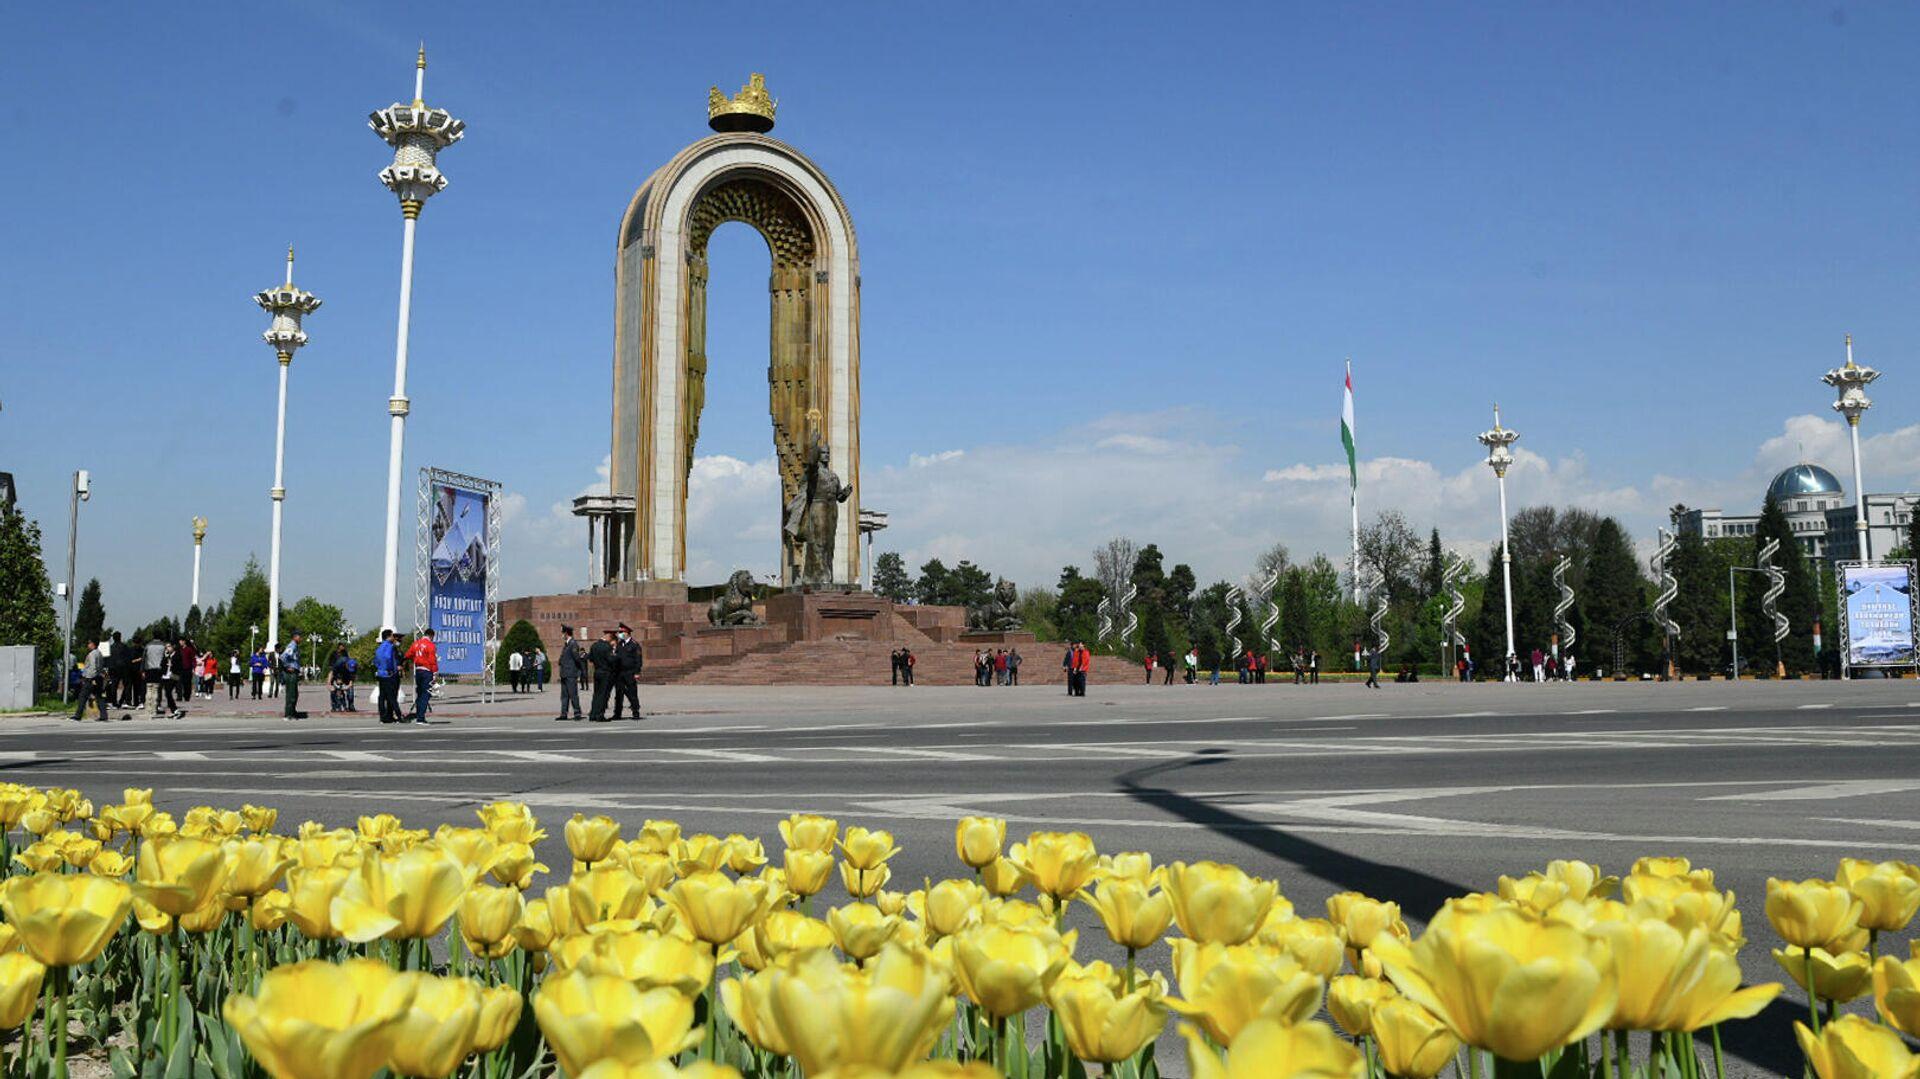 День города в Душанбе - Sputnik Тоҷикистон, 1920, 19.04.2021